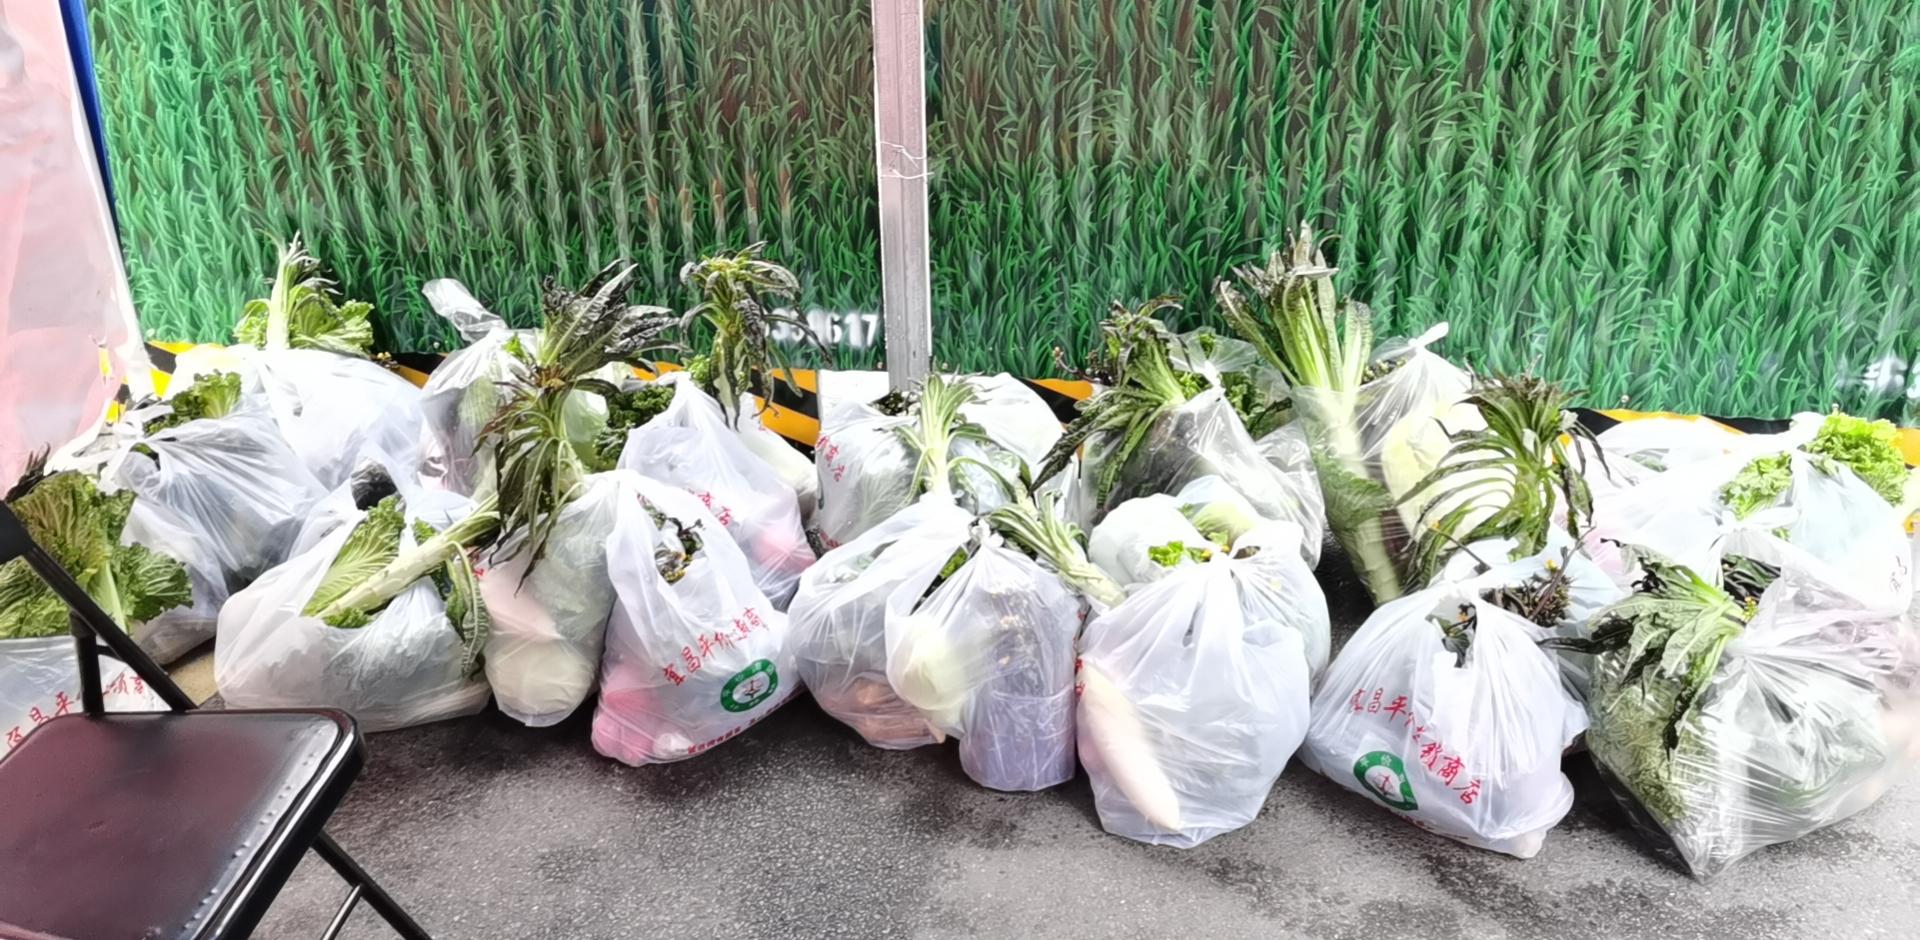 中南路社区网格员为居民配送的蔬菜。来源:受访者供图